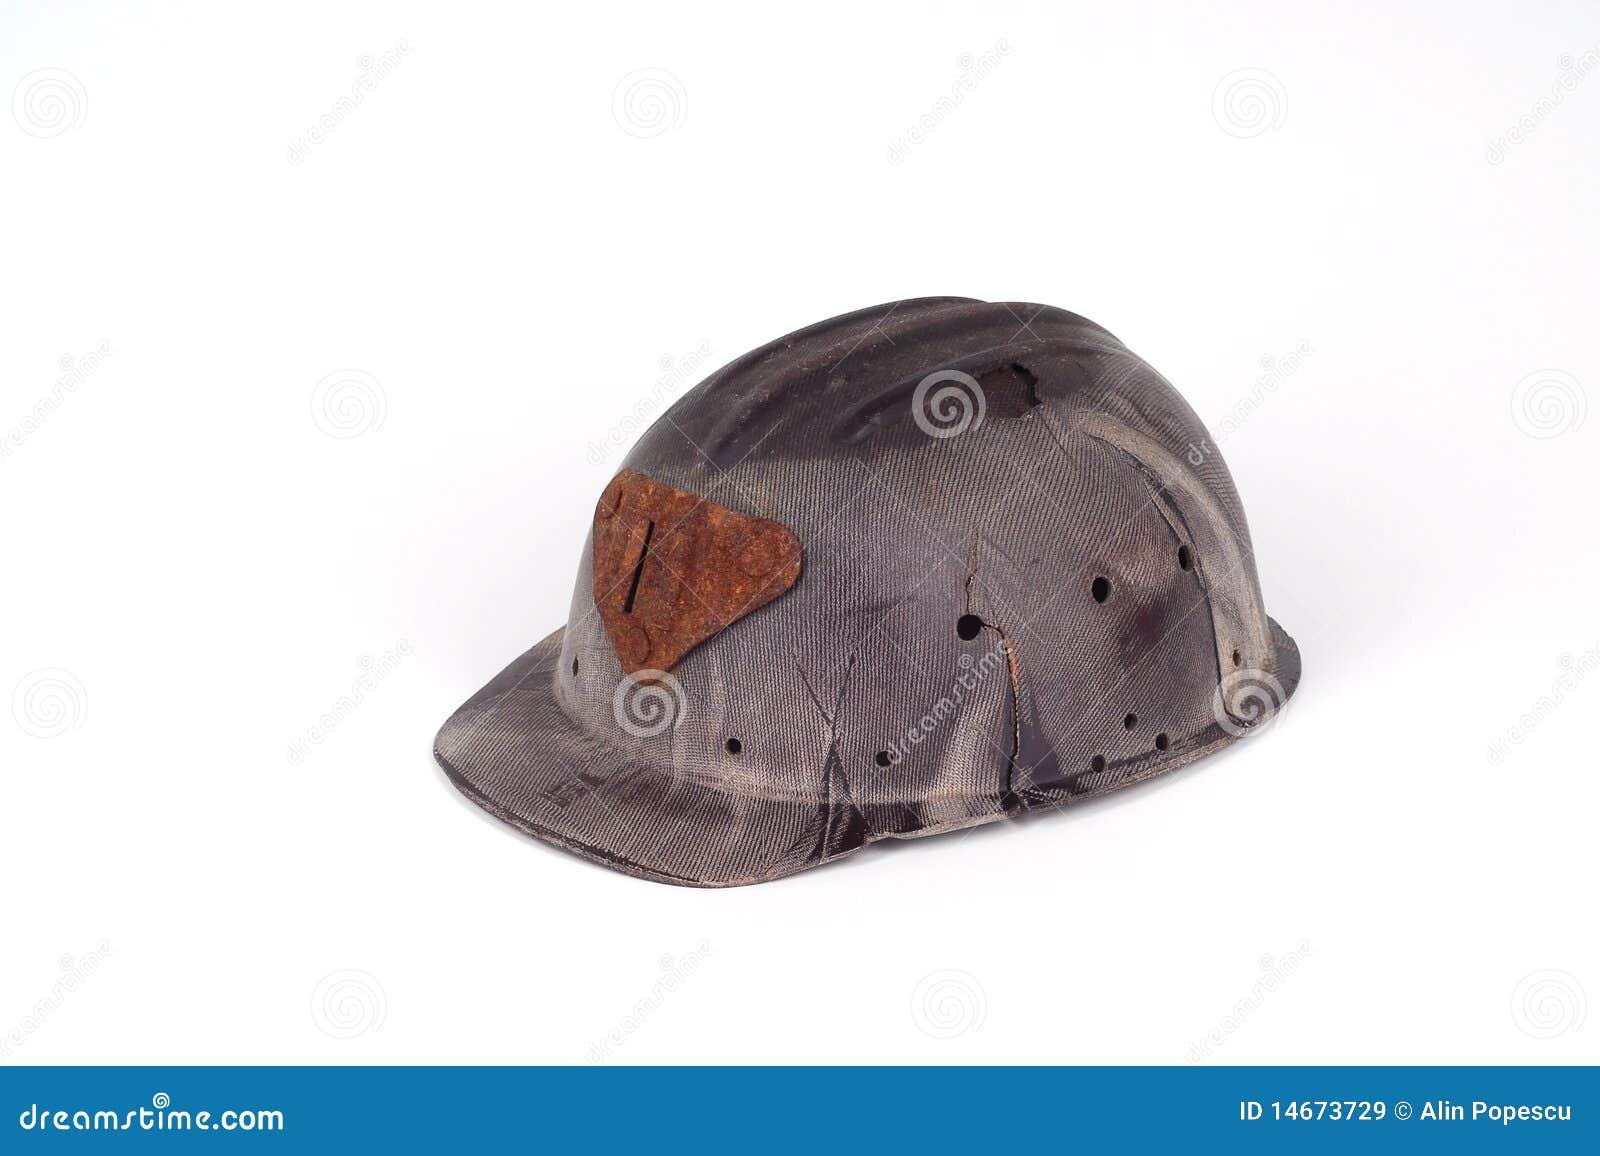 Bakelite helmet of a miner